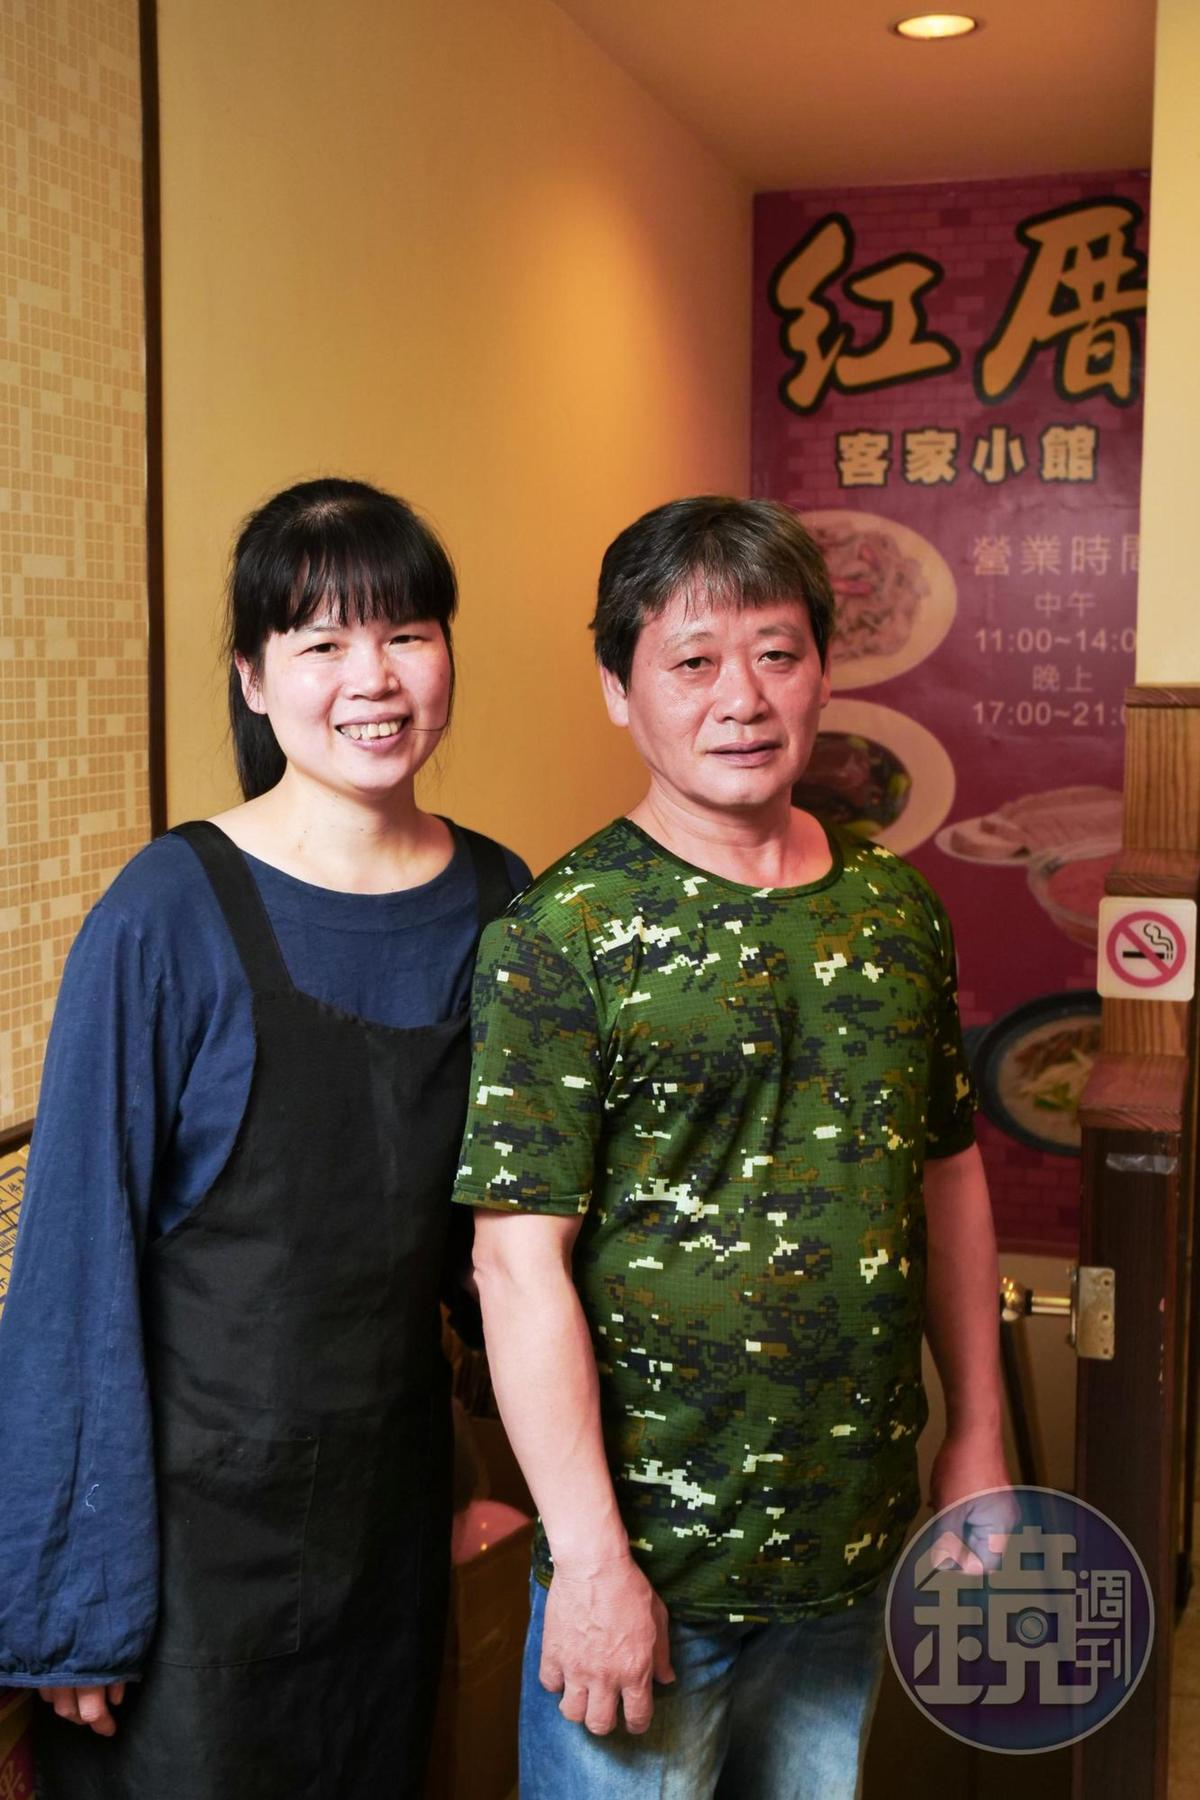 老闆蕭本源(右)和老闆娘陳雲(左),因為愛吃客家菜,而開起小館子。